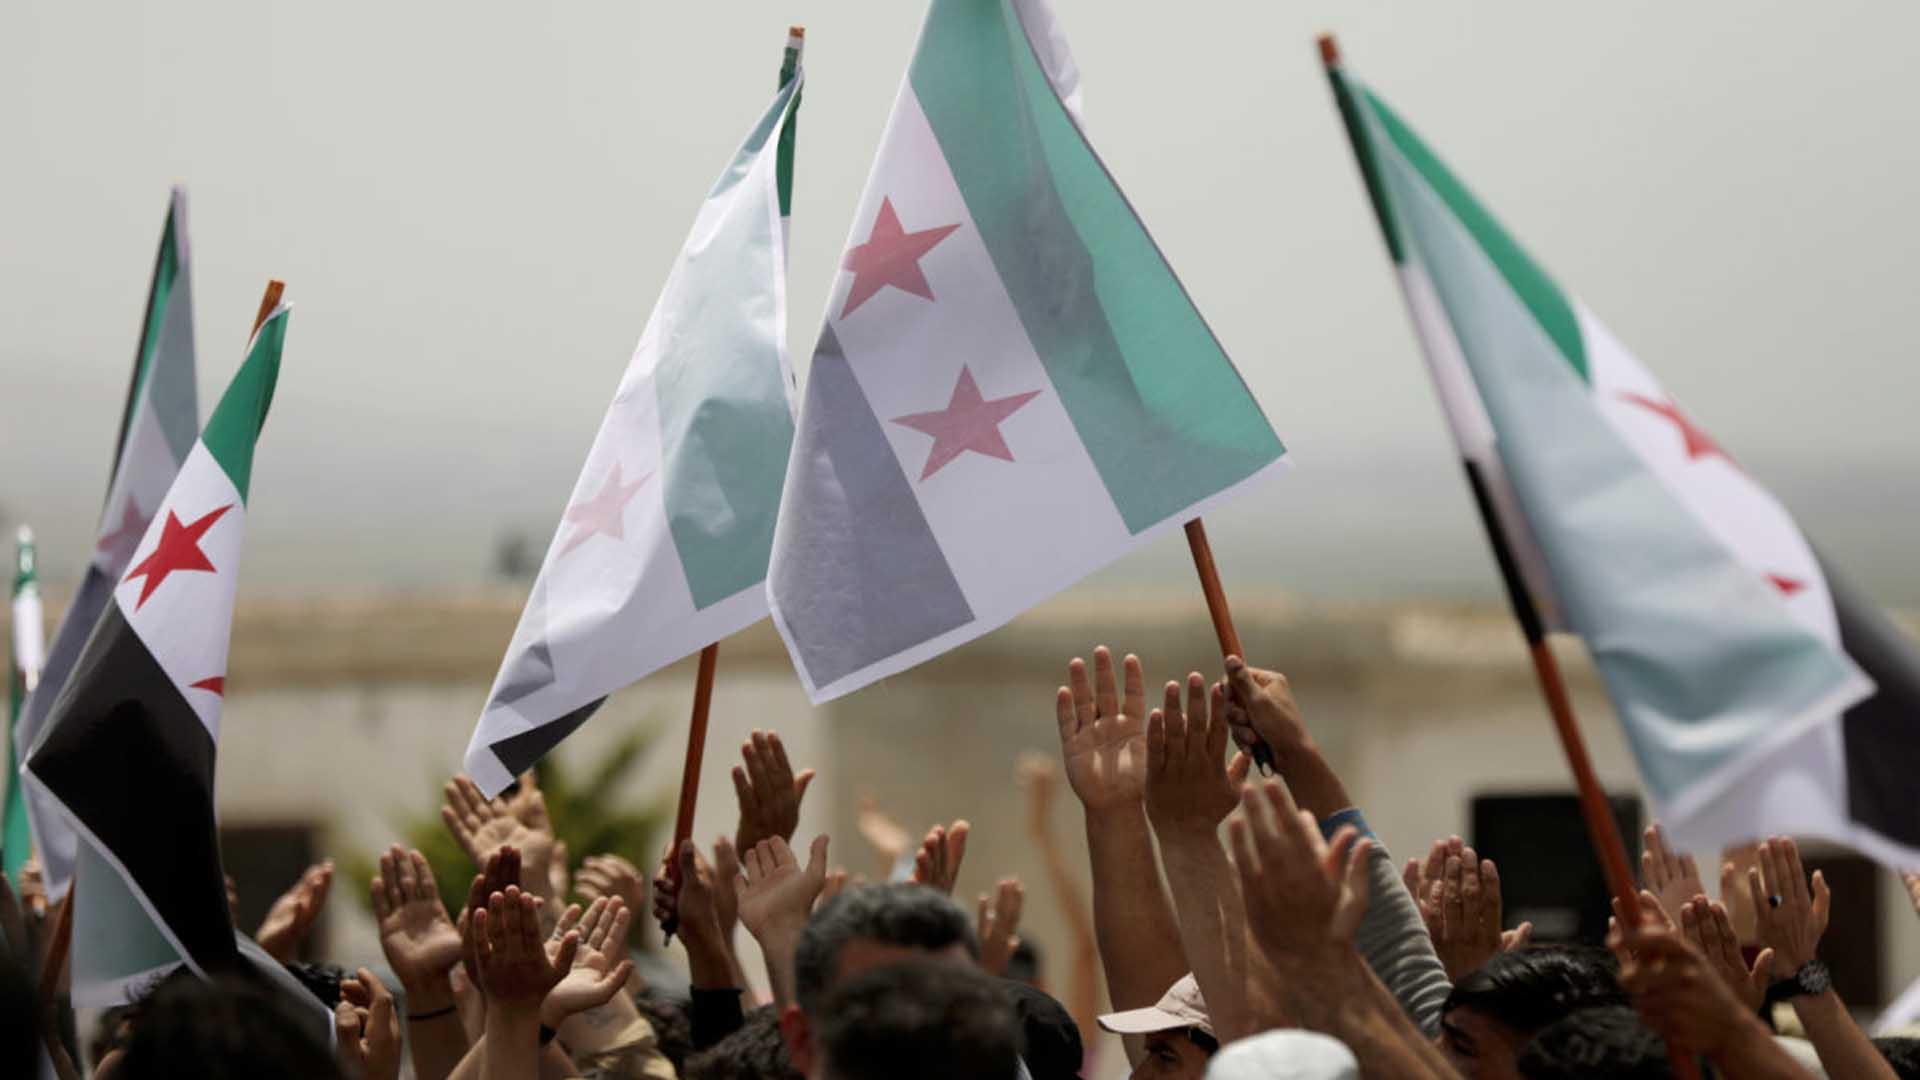 ما هي معايير الدولة الحديثة المطلوبة في سورية؟